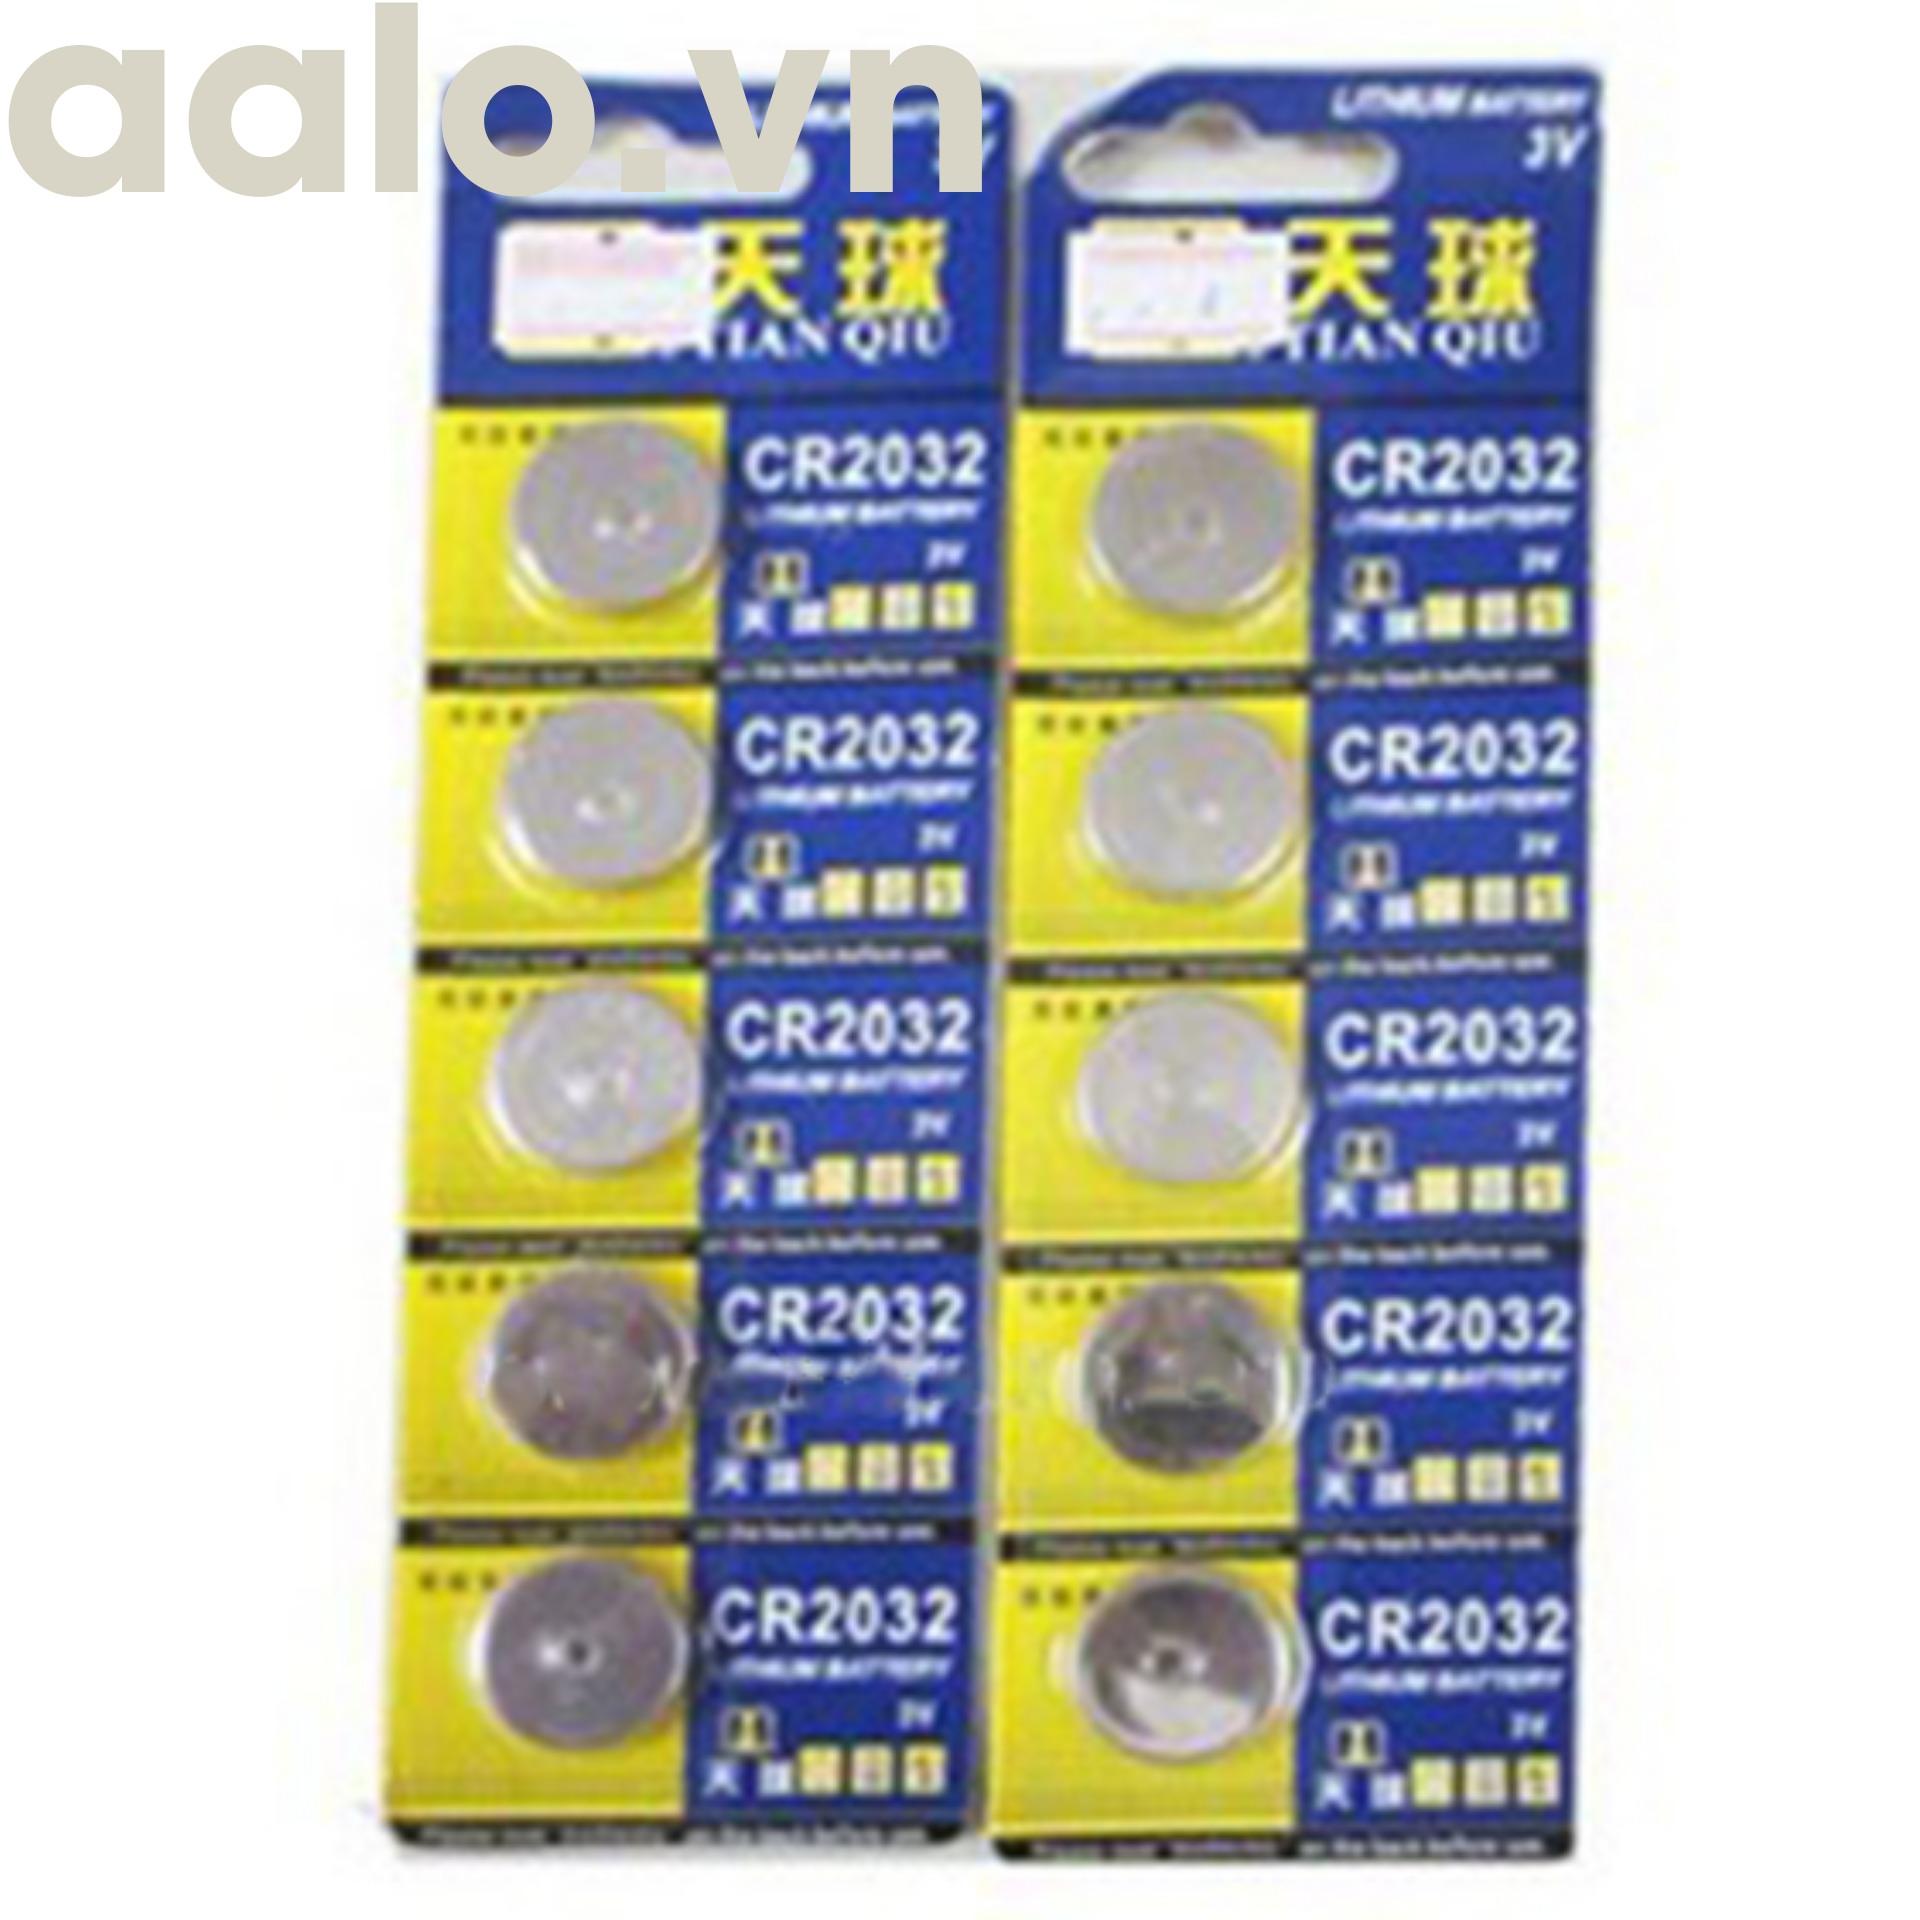 Pin CMOS CR2032 Vỉ 5 Viên - aalo.vn